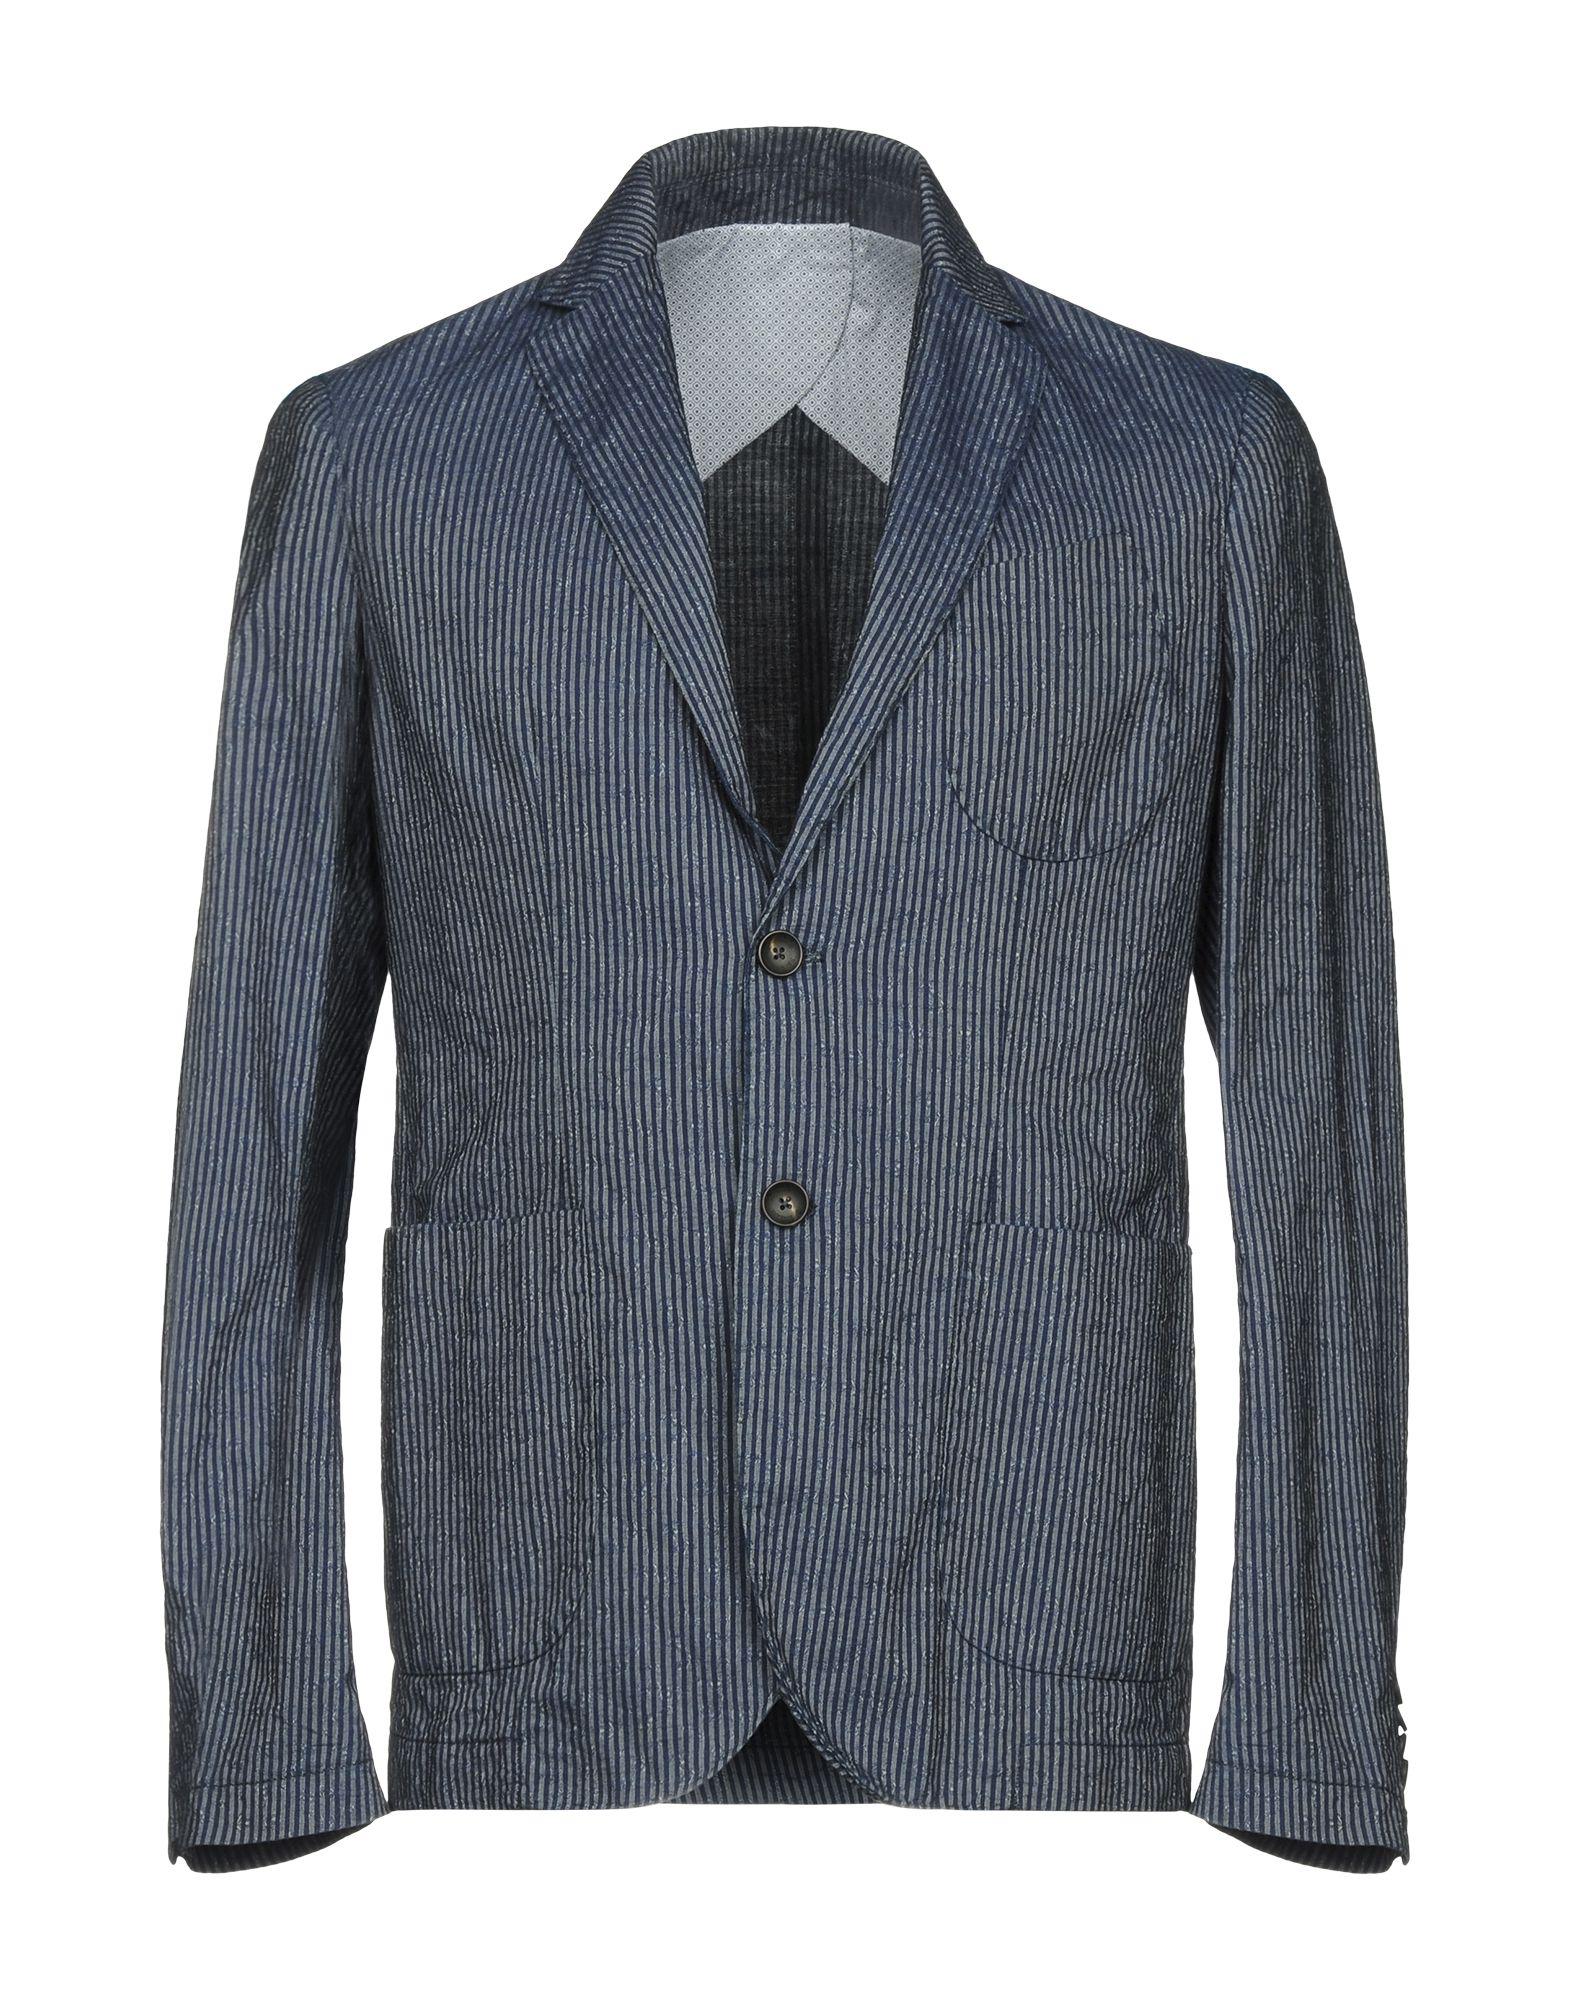 《送料無料》NEW ENGLAND メンズ テーラードジャケット ブルー 48 コットン 100%